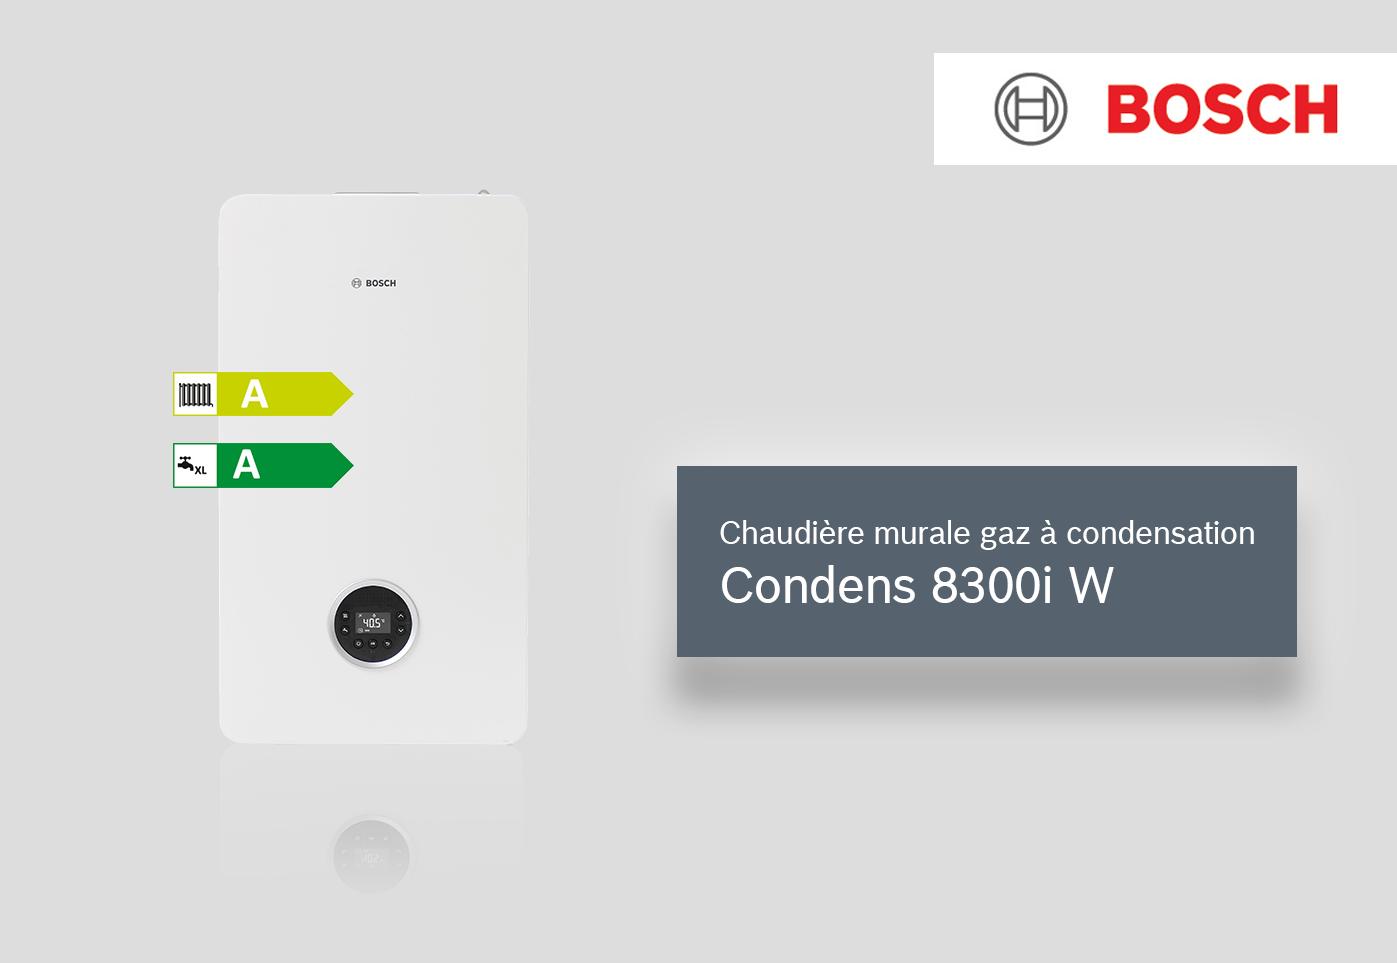 Condens 8300i W